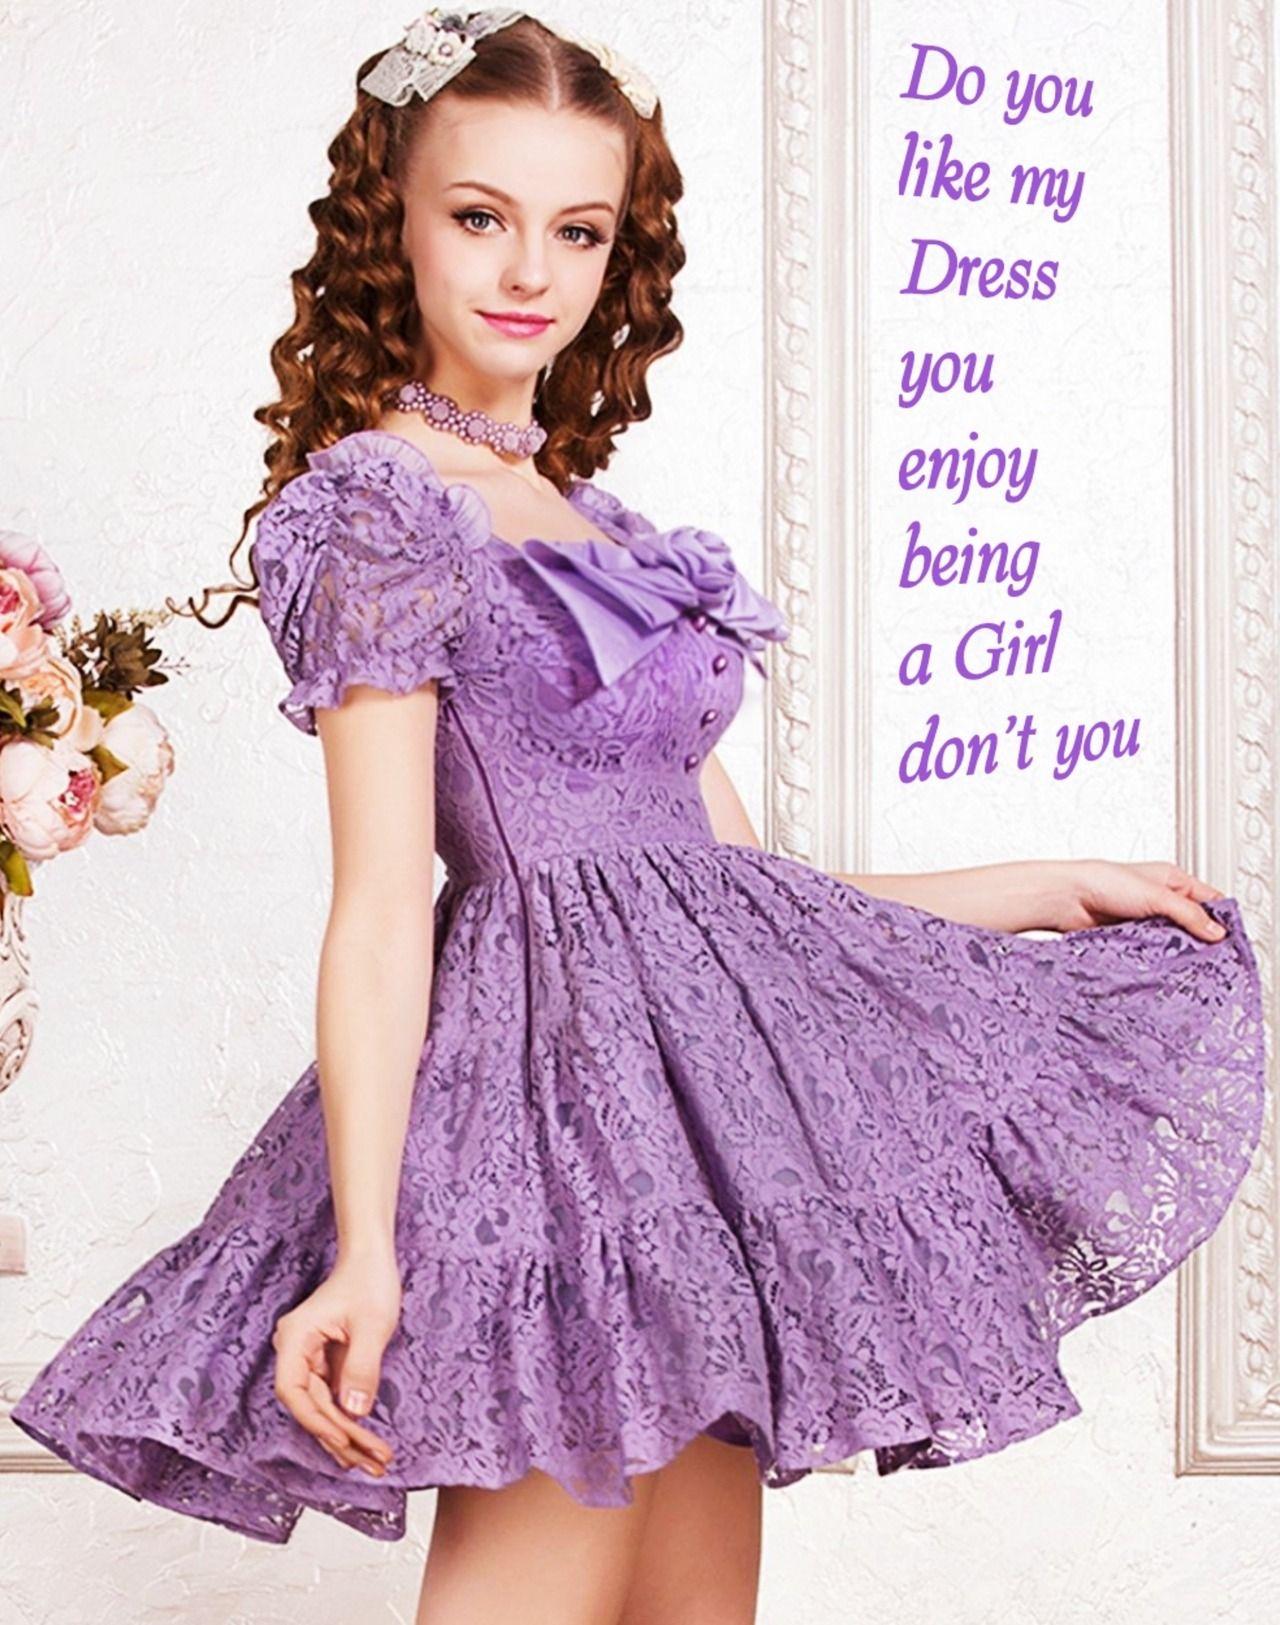 LouiseLonging | Little dresses, Girly girl, Boys dress